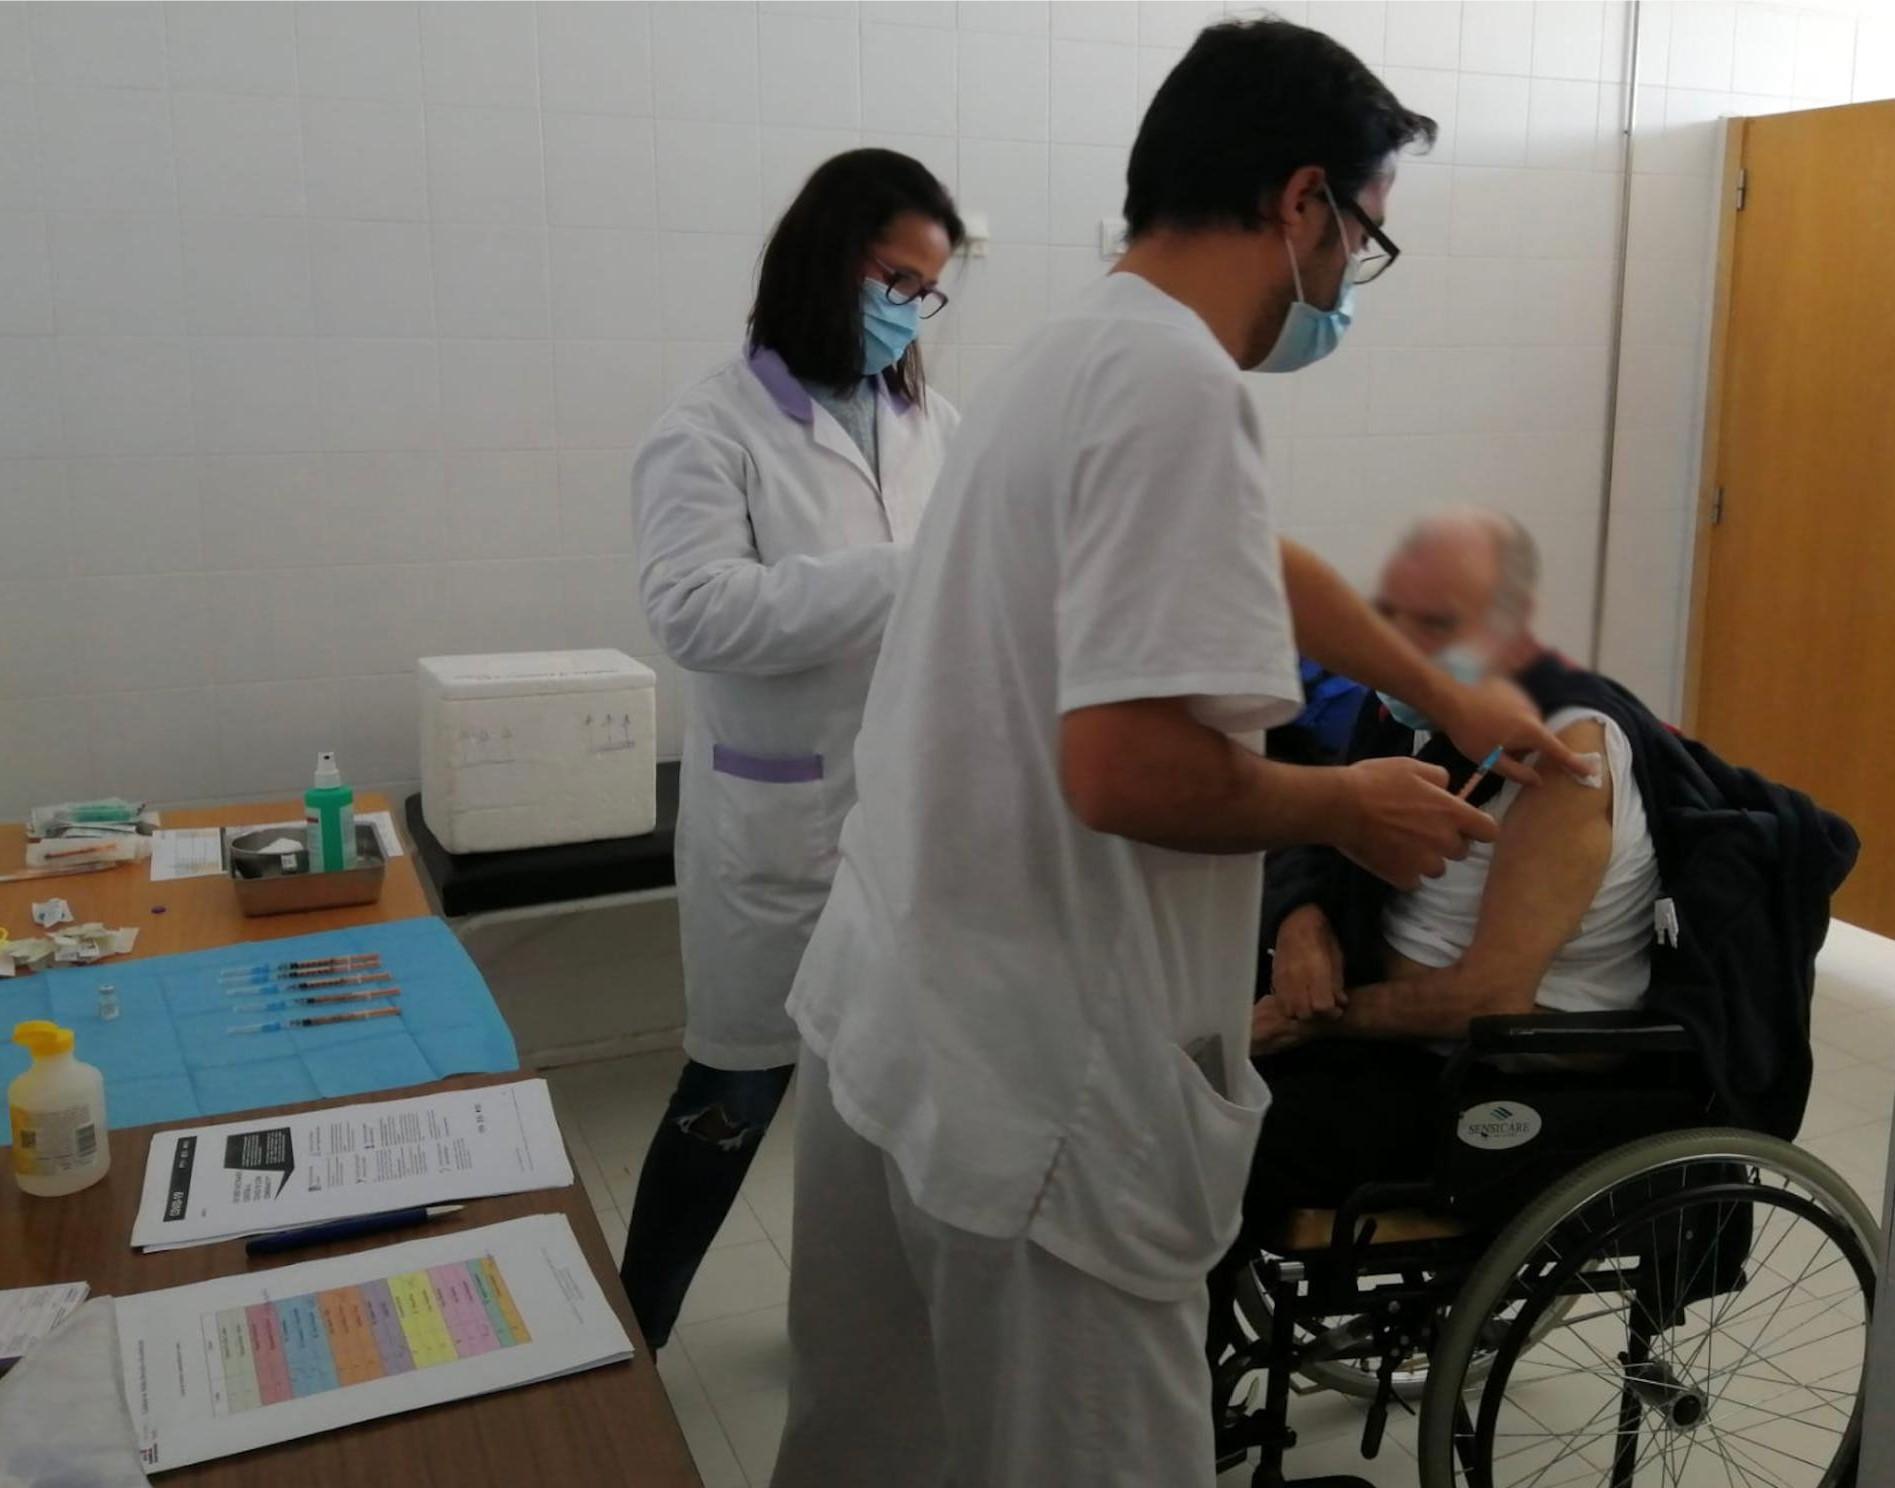 Inicio da vacinação contra a COVID-19 nas Estruturas Residenciais para Idosos e Unidades da Rede de Cuidados Continuados Integrados do Algarve